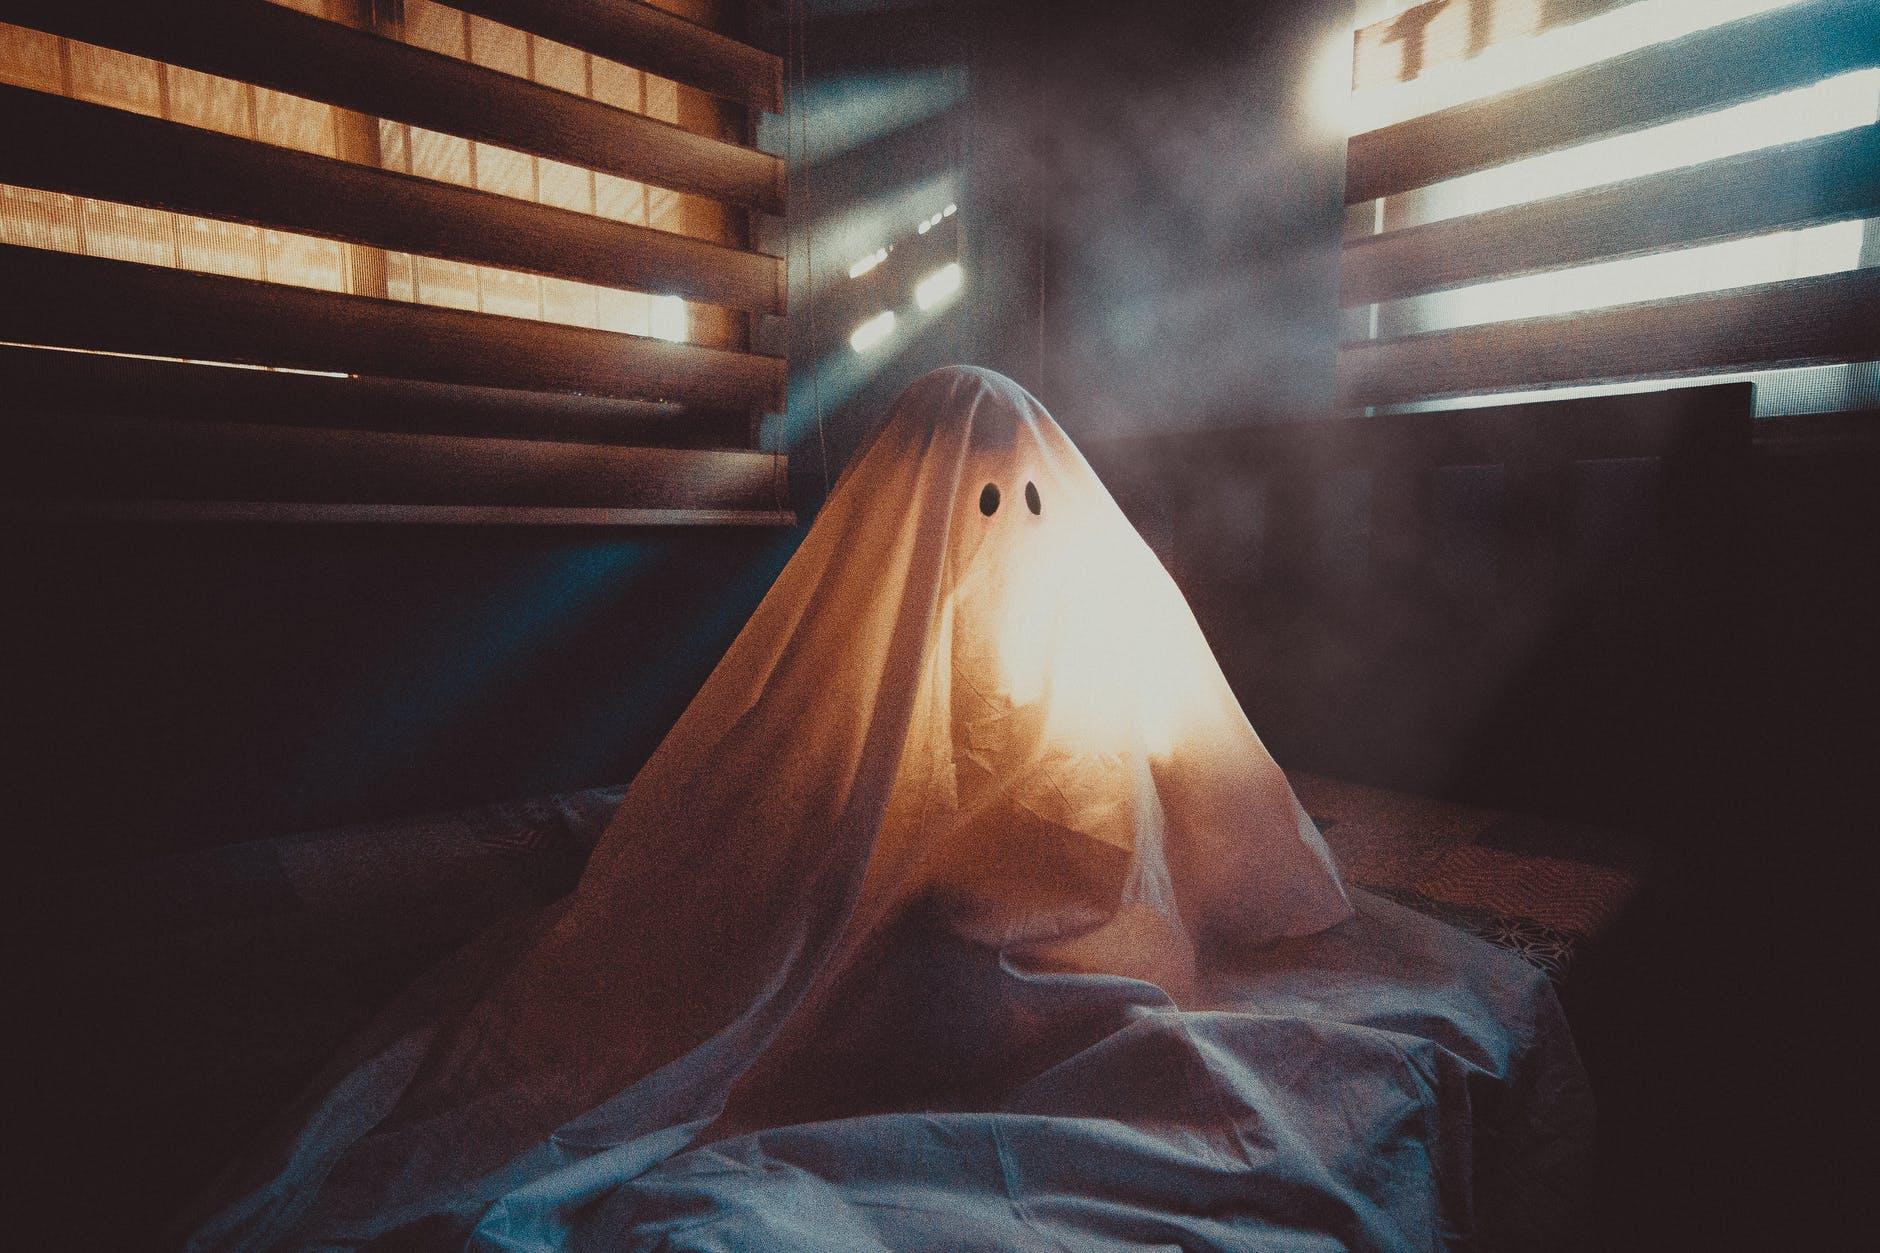 PythonでPhantom Type(幽霊型)を使って静的にプログラムの欠陥を発見する